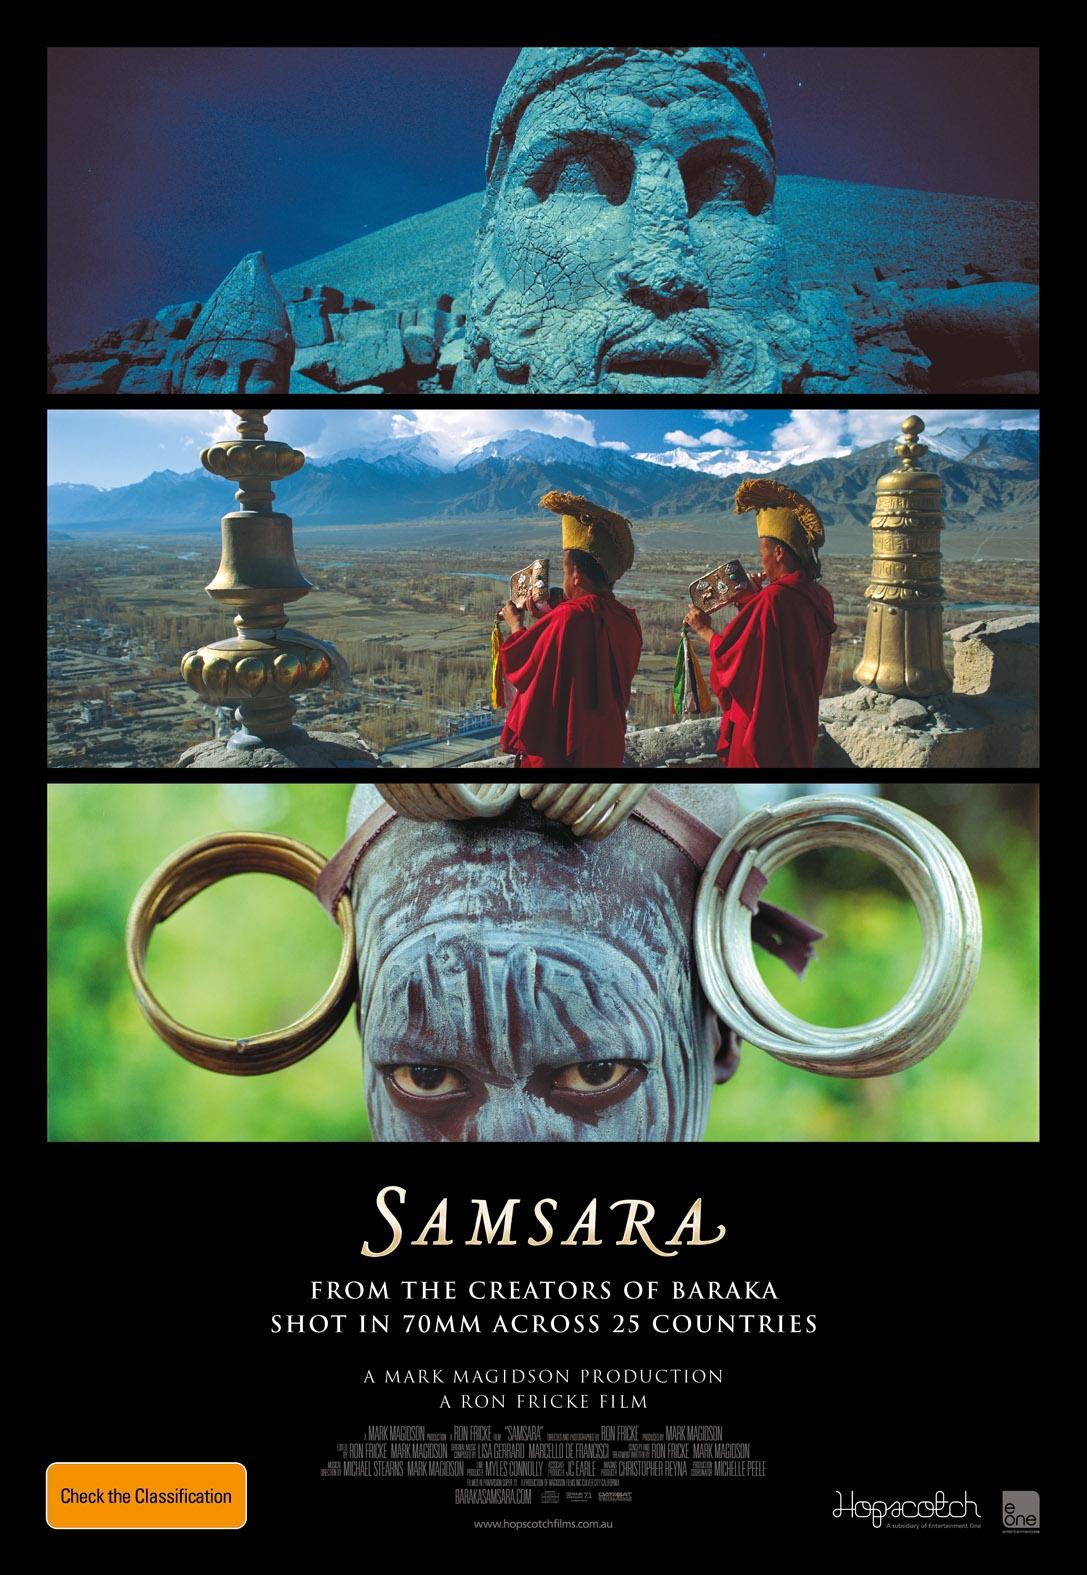 http://1.bp.blogspot.com/-DzvTAhreL9g/UMqXNMtgrDI/AAAAAAAACuE/-8e2T1gyyTw/s1600/Samsara_Poster.JPG